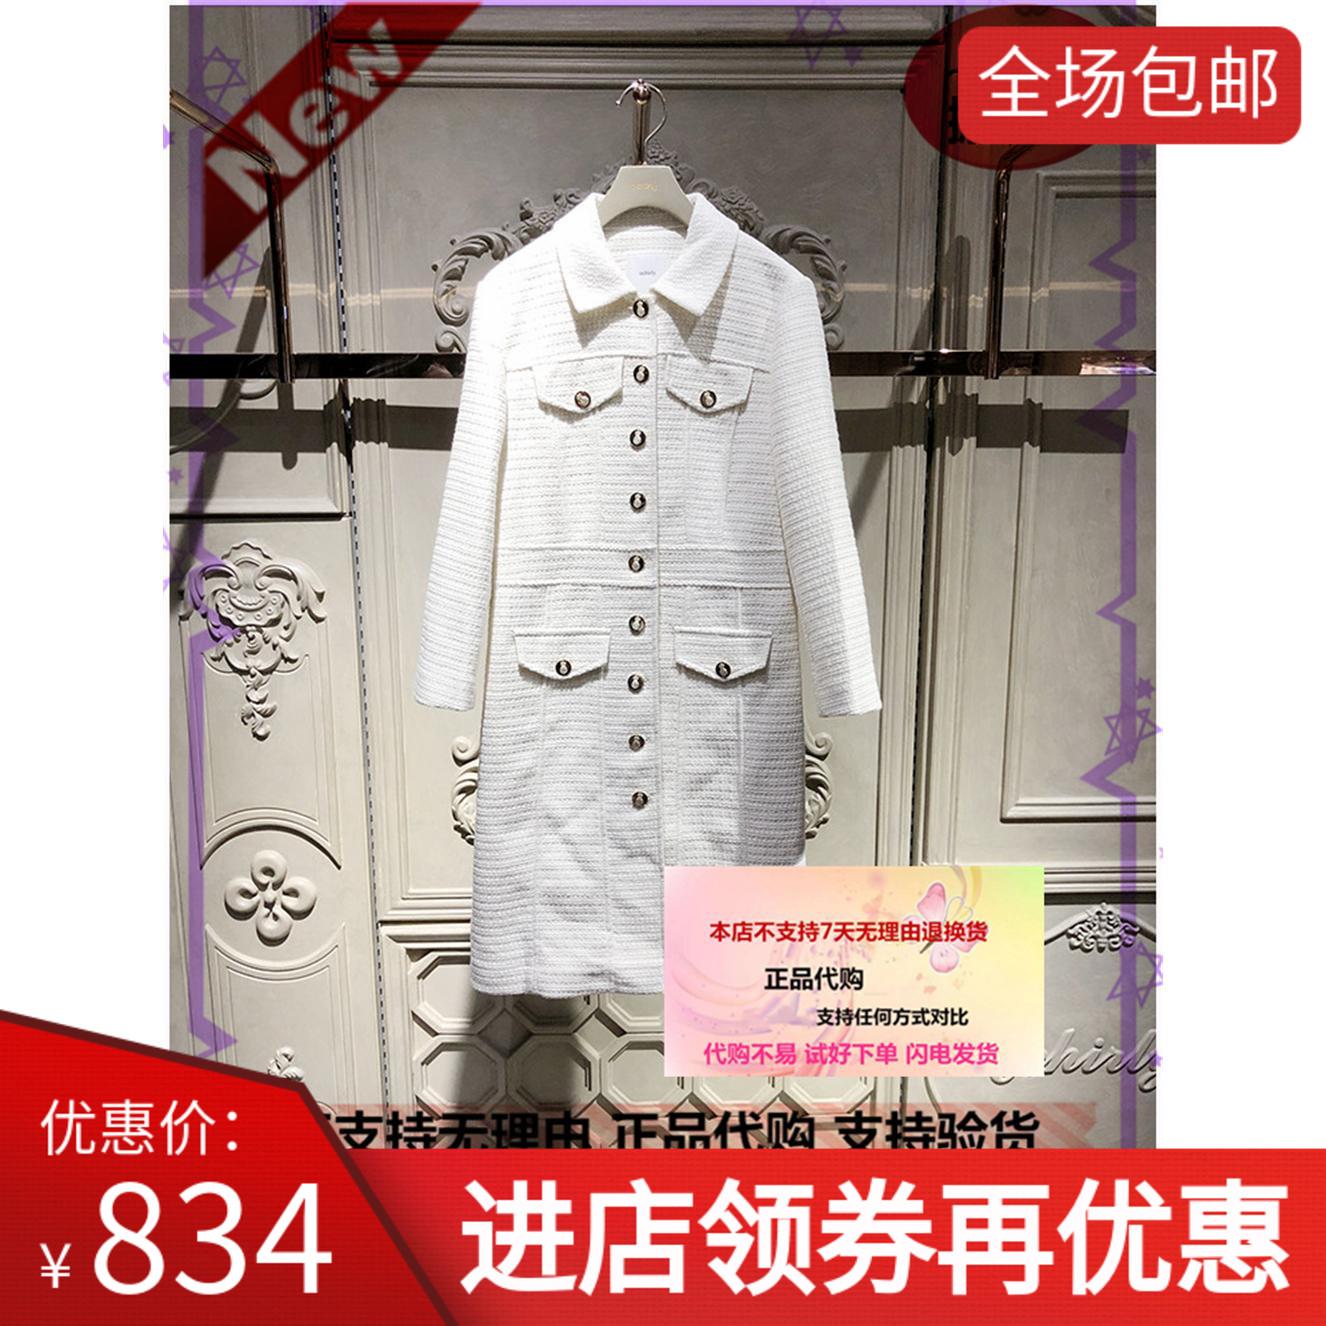 现货Ochirly专柜欧时女力国内代购219秋8B长款香风风衣1ZY3056950